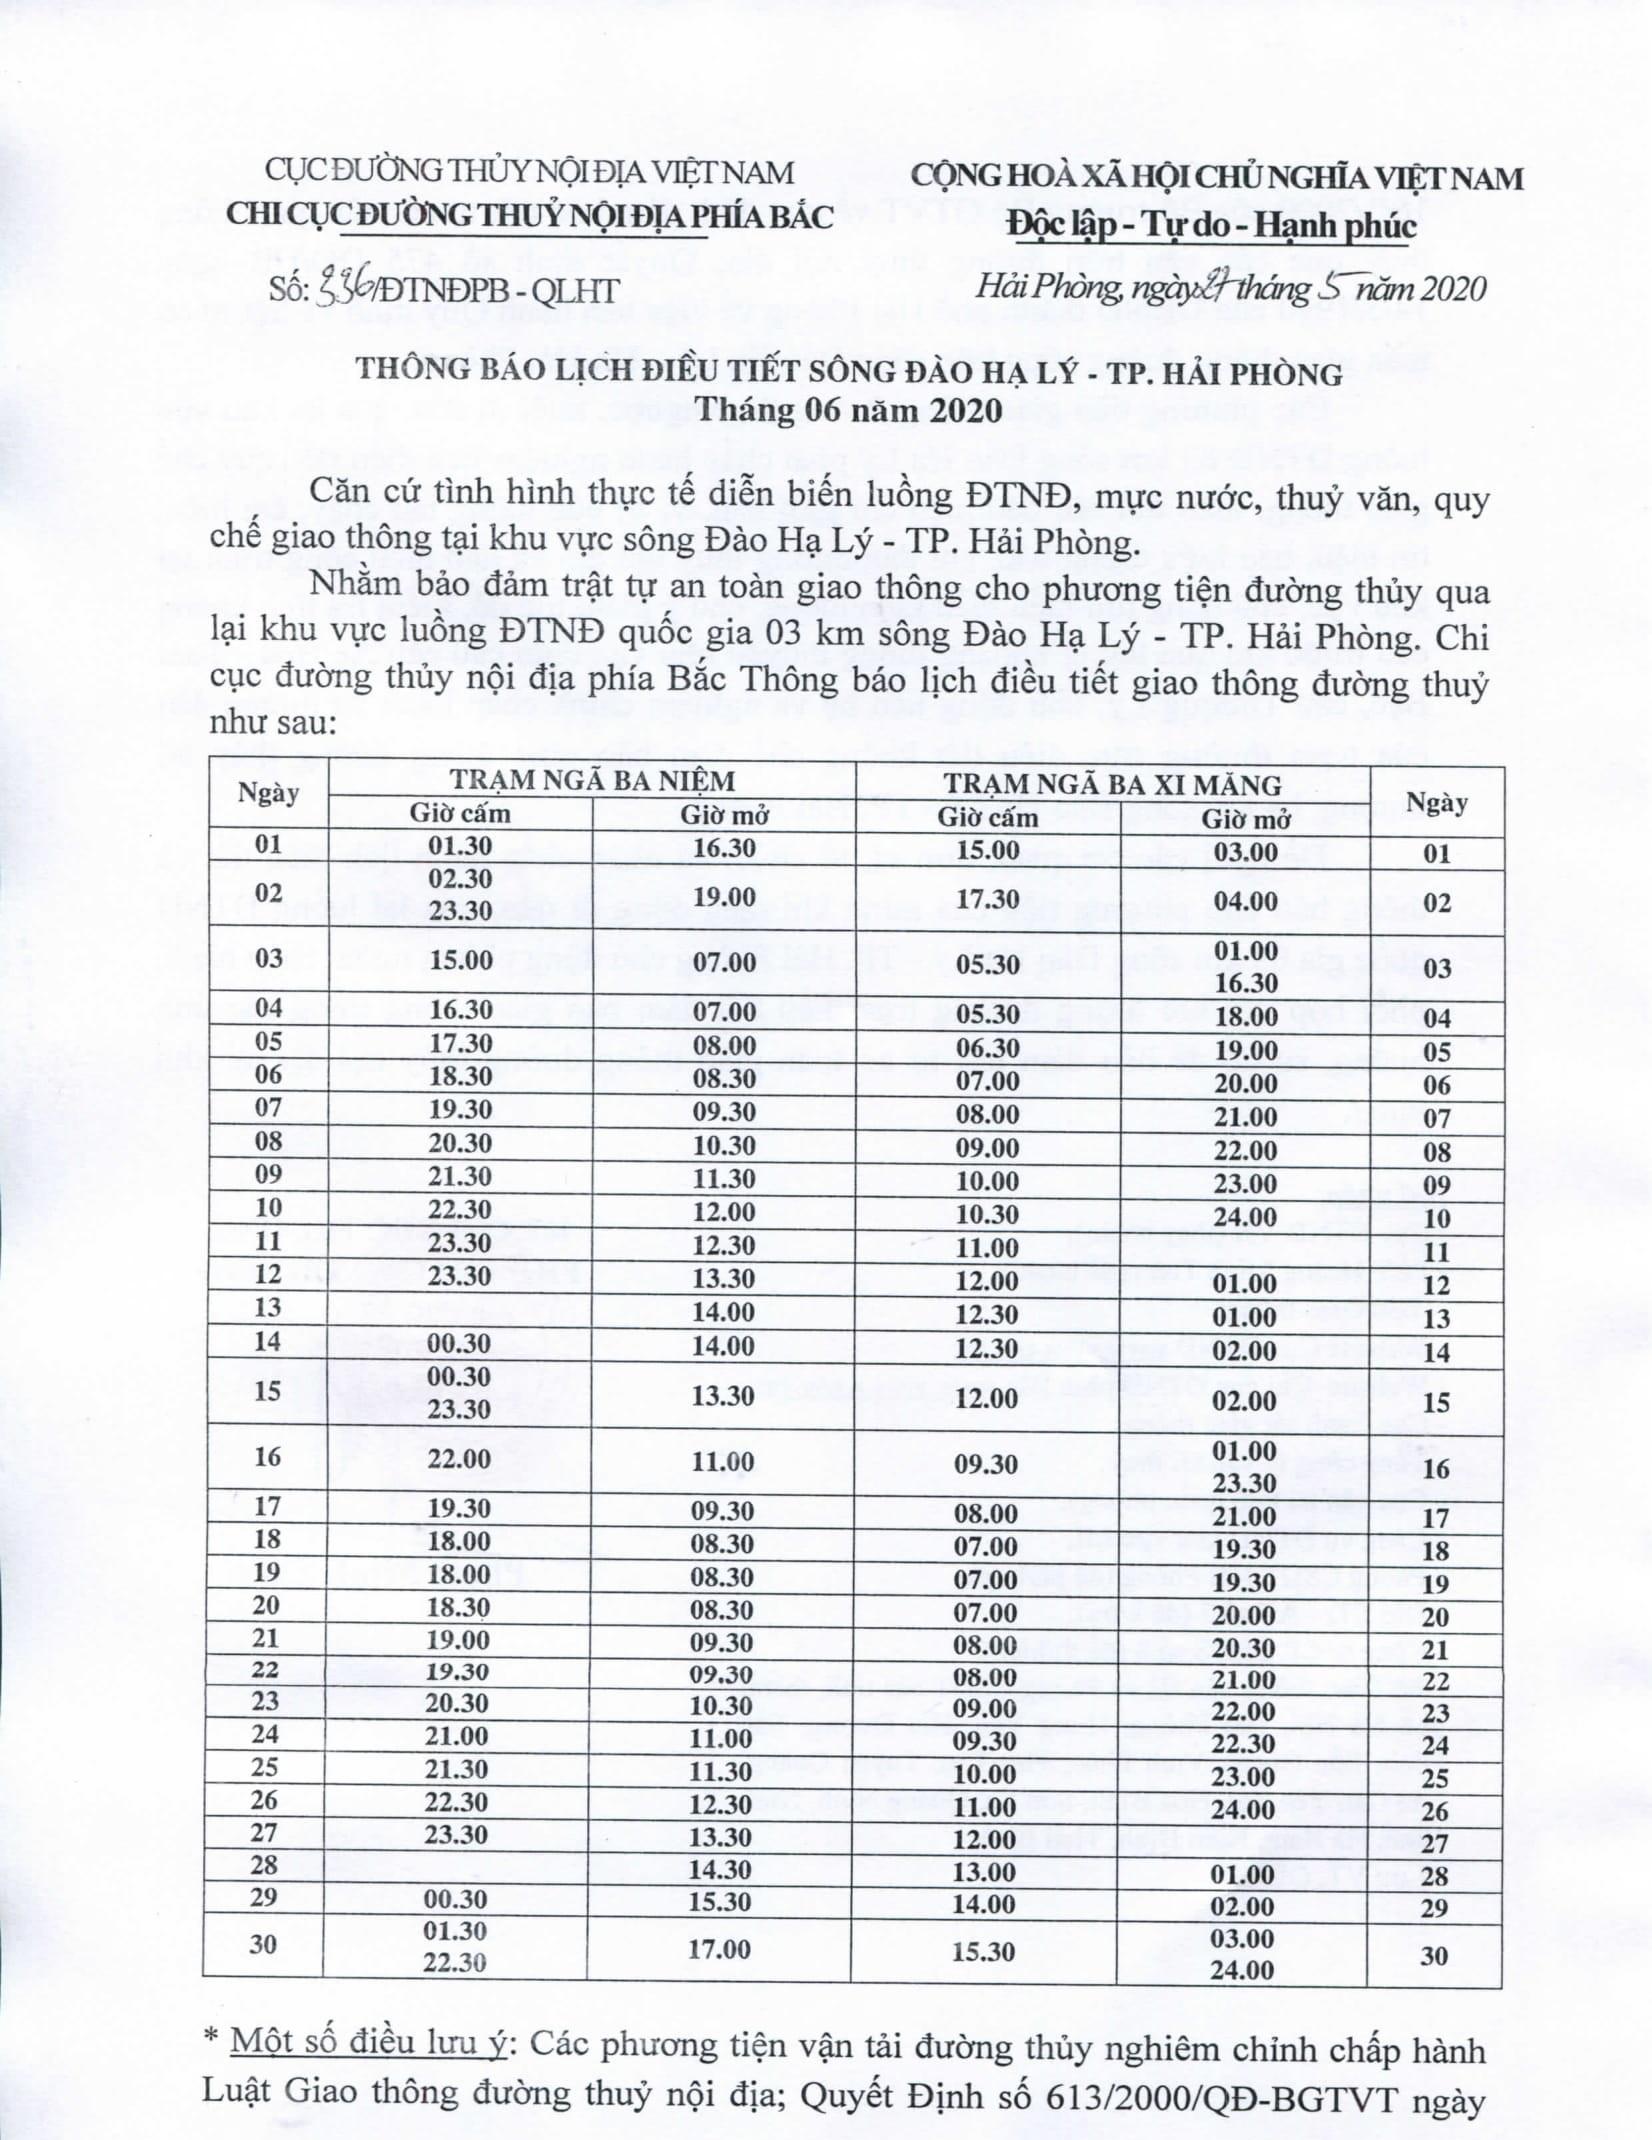 Thông báo lịch điều tiết sông Đào Hạ Lý - TP Hải Phòng tháng 06/2020